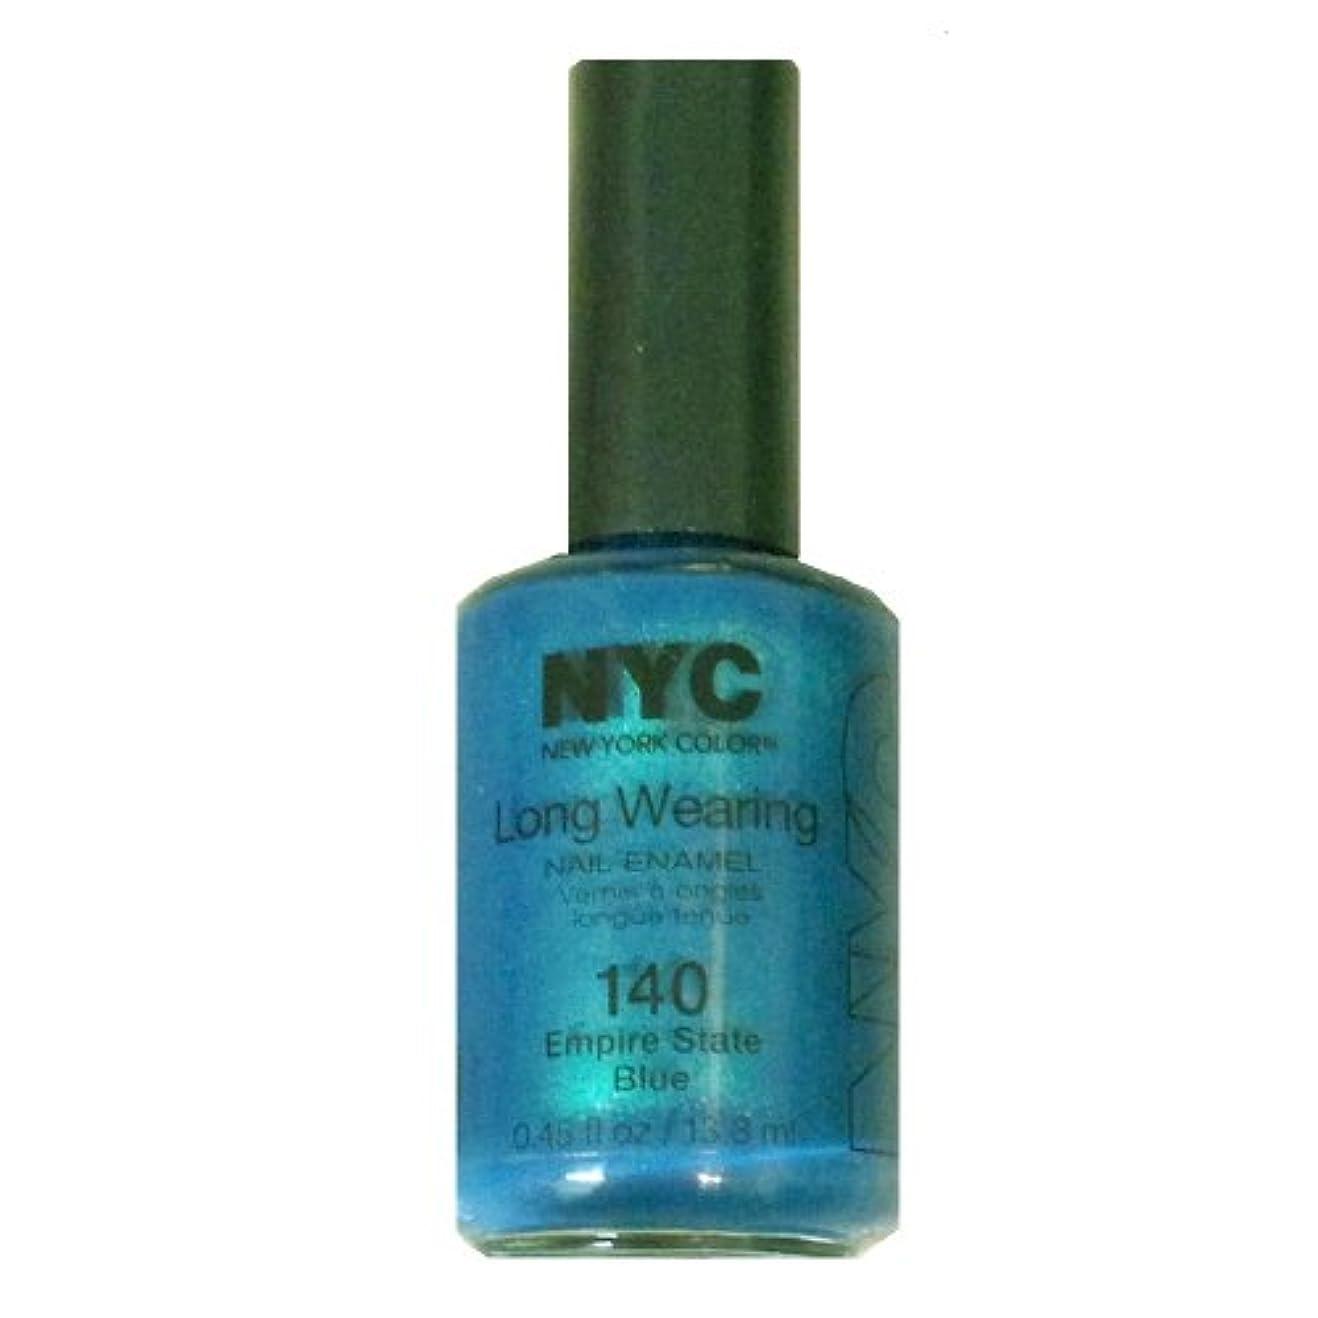 負荷引き潮提供NYC Long Wearing Nail Enamel - Empire State Blue (並行輸入品)